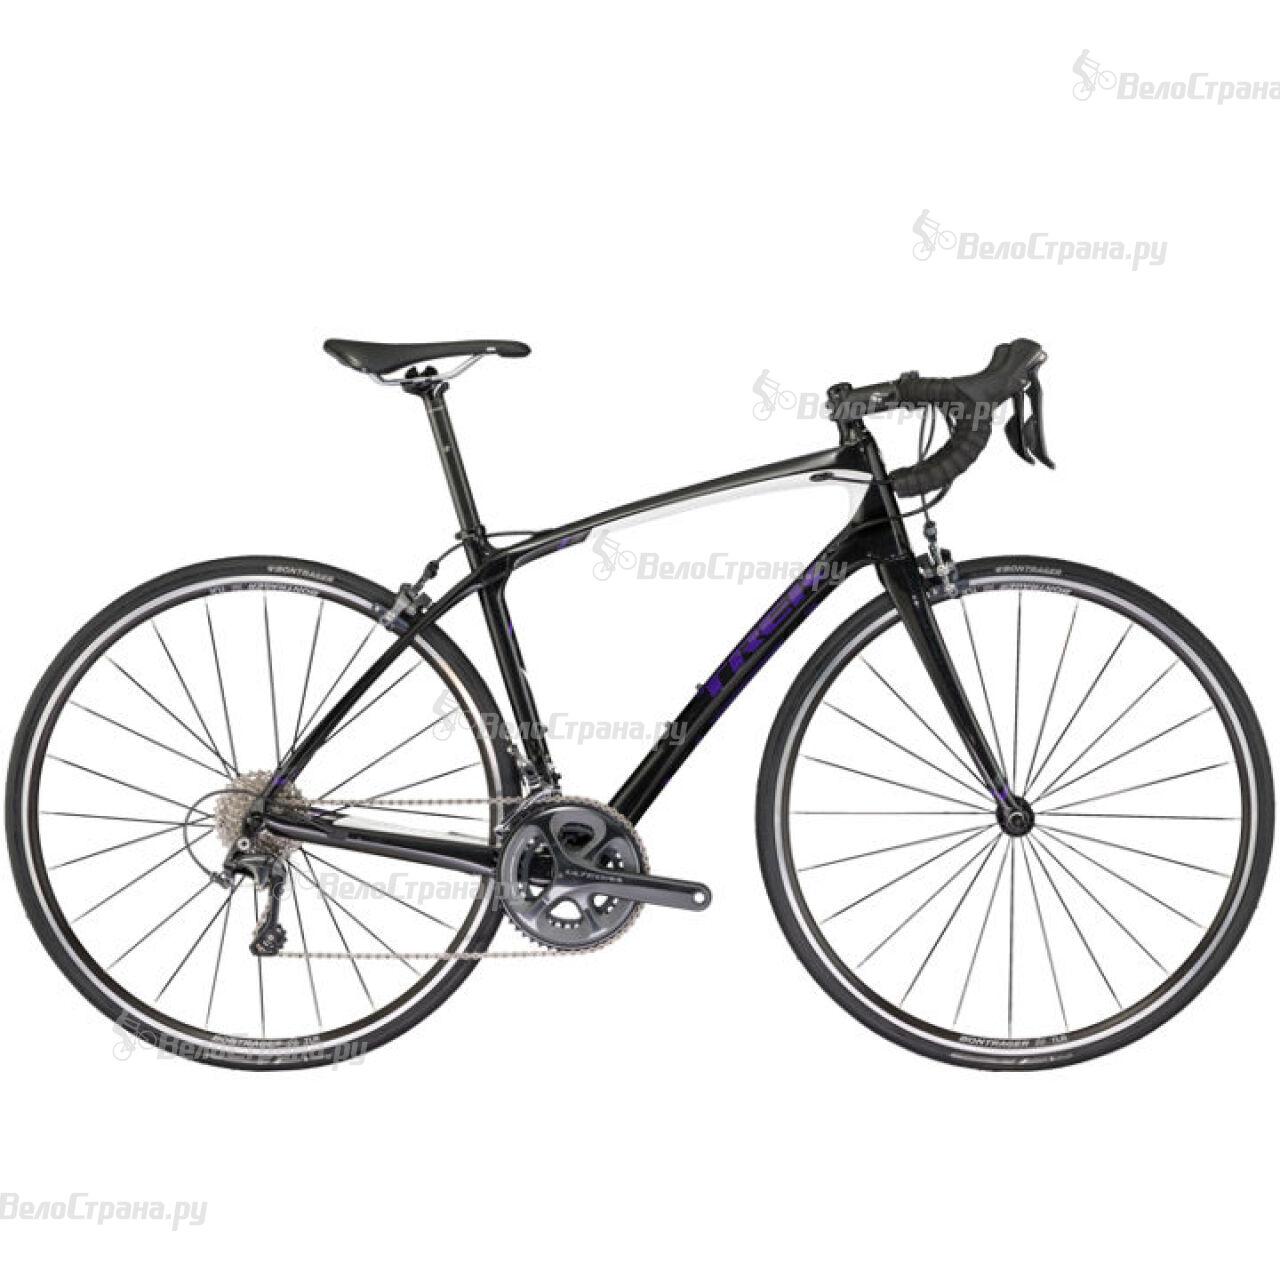 Велосипед Trek Silque S 6 (2017) велосипед trek emonda s 4 2015